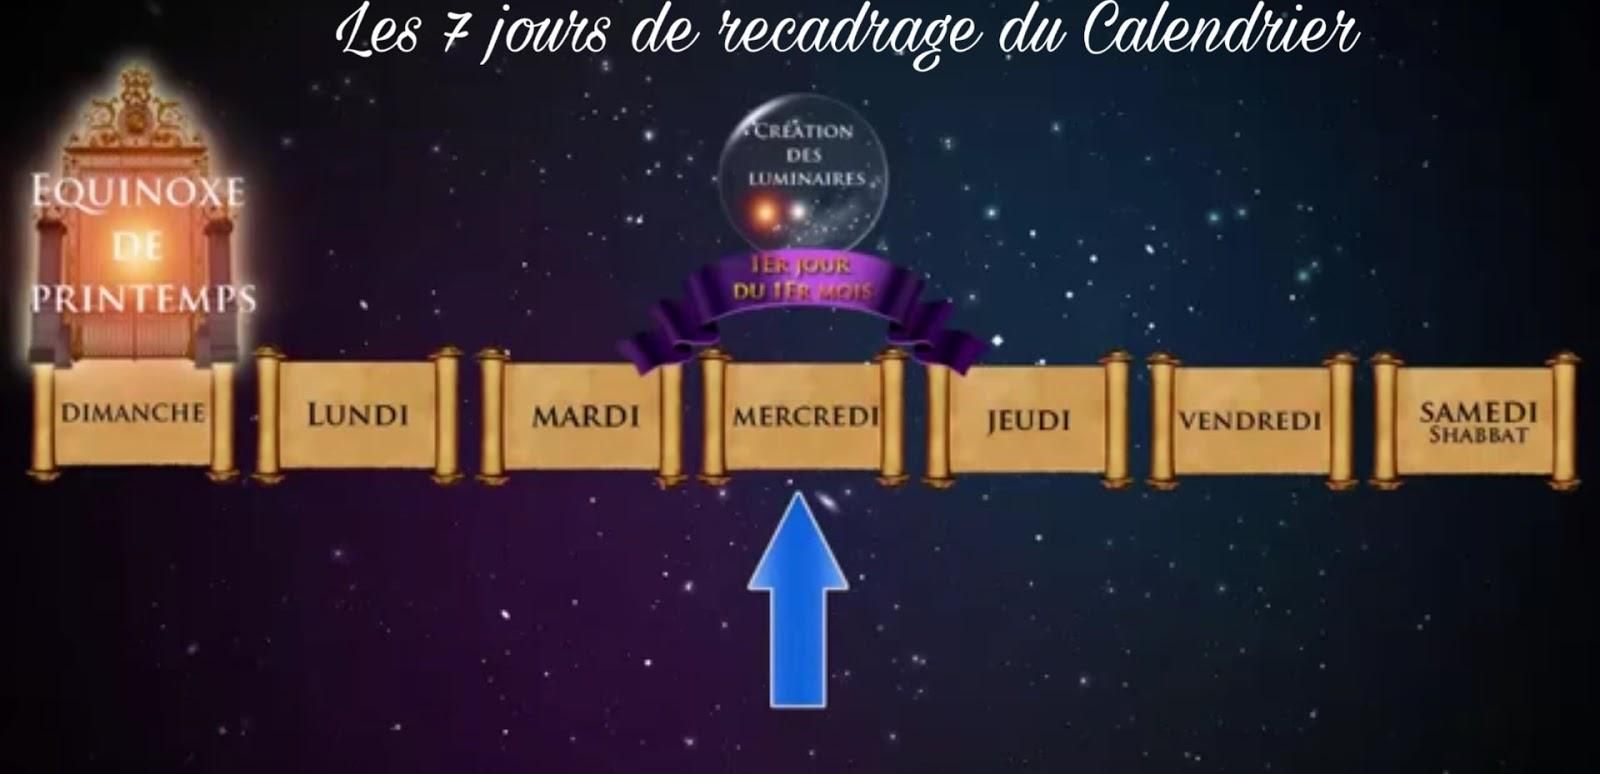 Recadrage du Calendrier et Vrai Nouvel An ce 25 Mars 2020 PicsArt_02-21-11.42.22